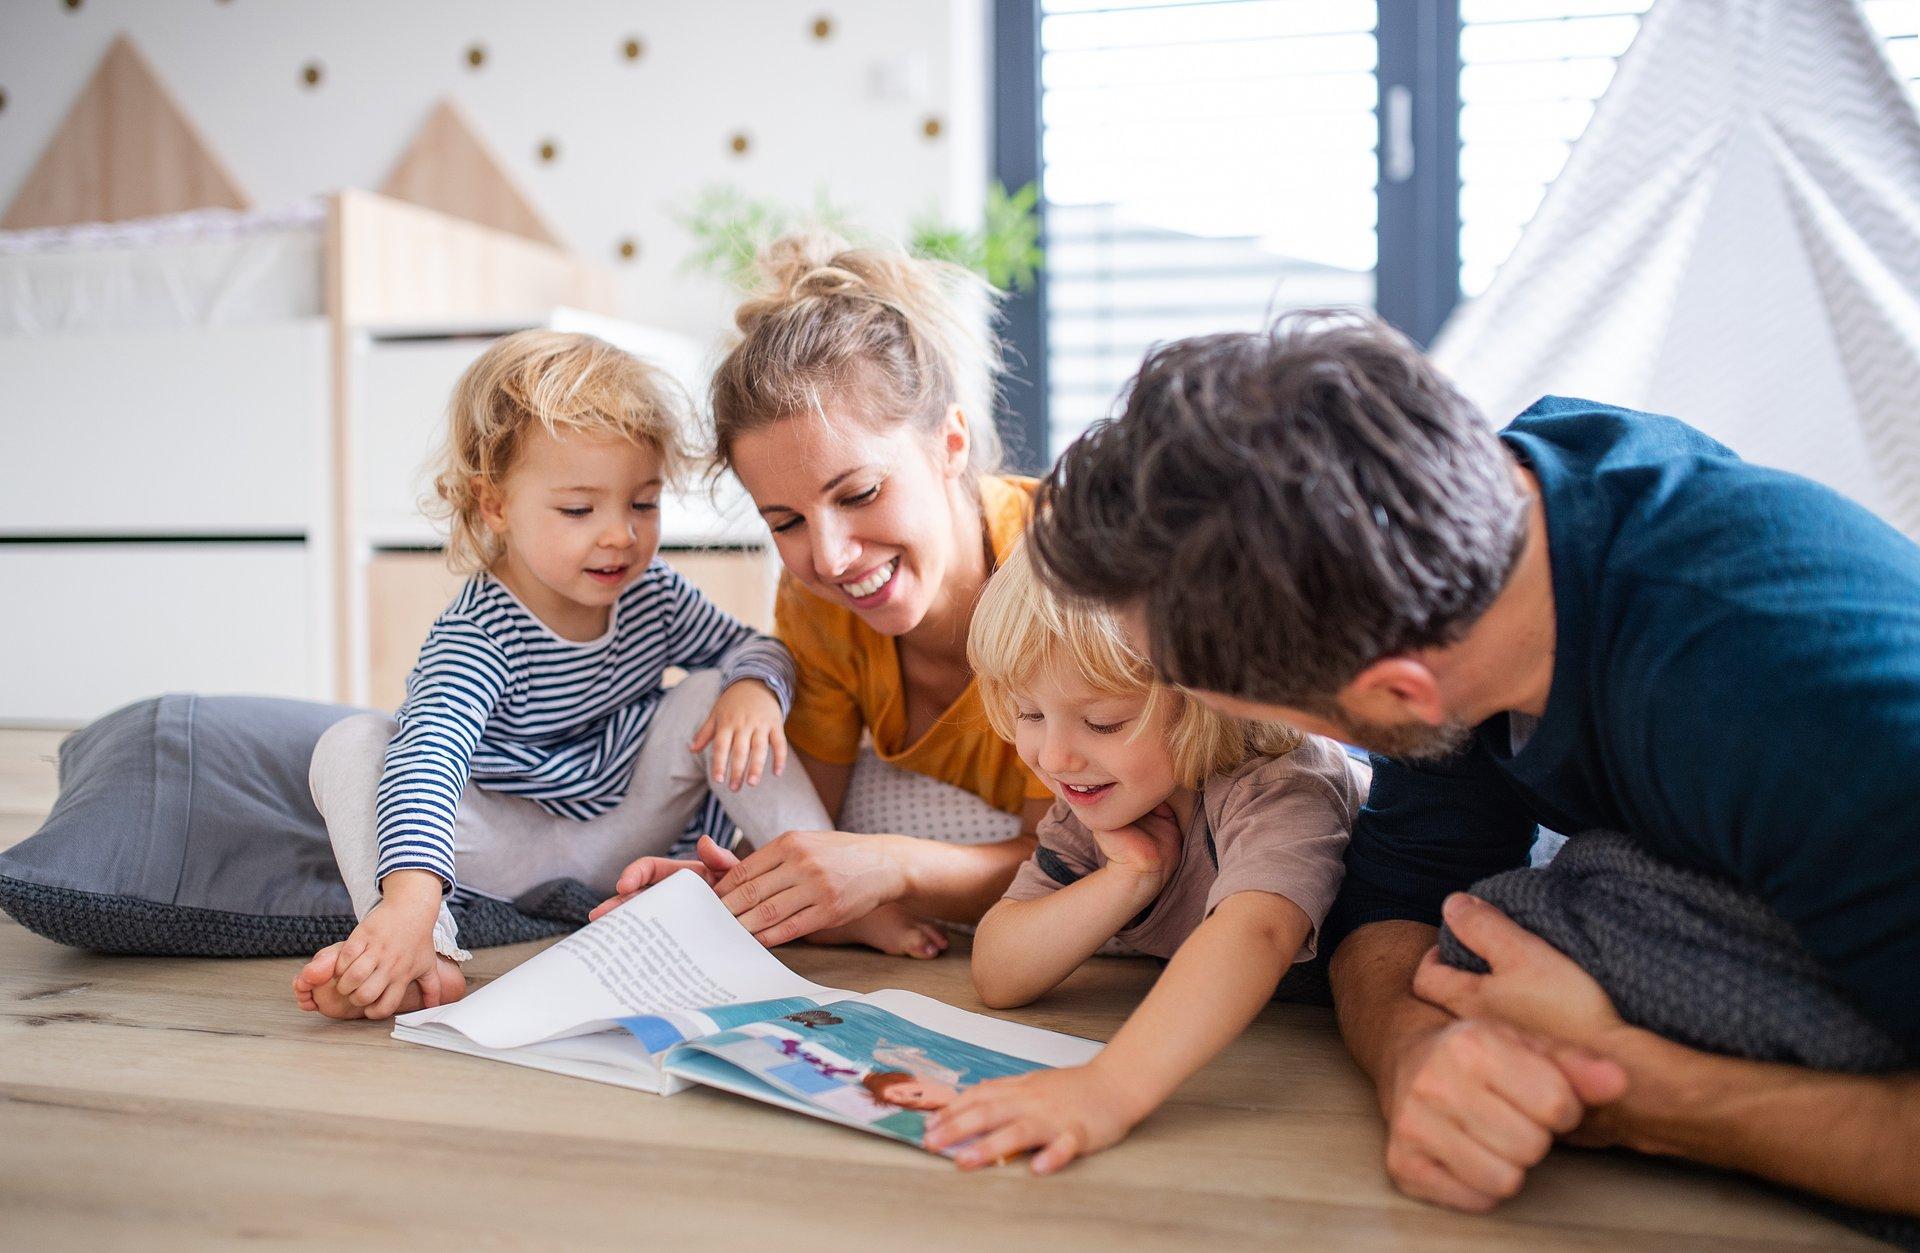 Dlaczego najlepszym prezentem dla dziecka jest Twój czas?